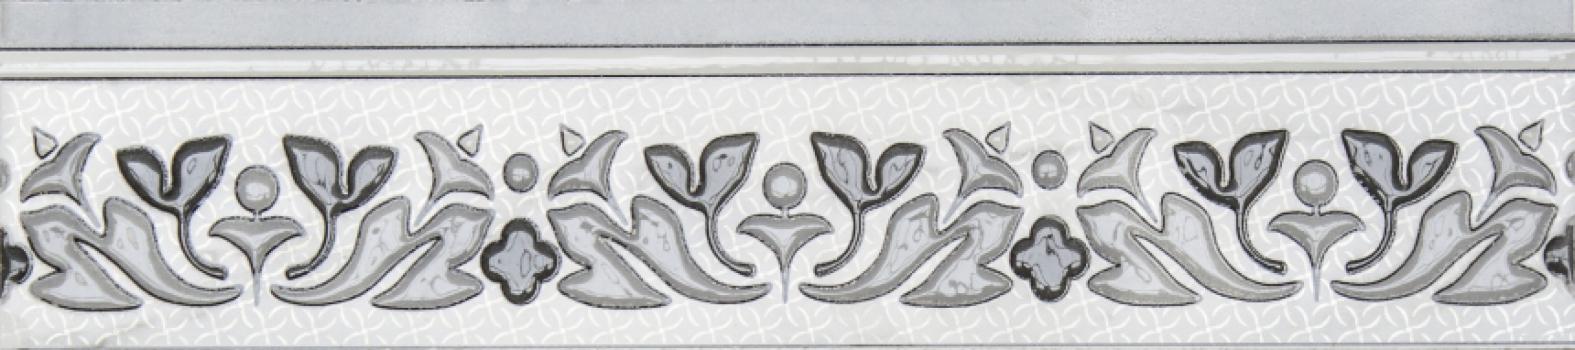 3604-0112 бьянка каррара бордюр 10х45 напольный LASSELSBERGER | LB Ceramica